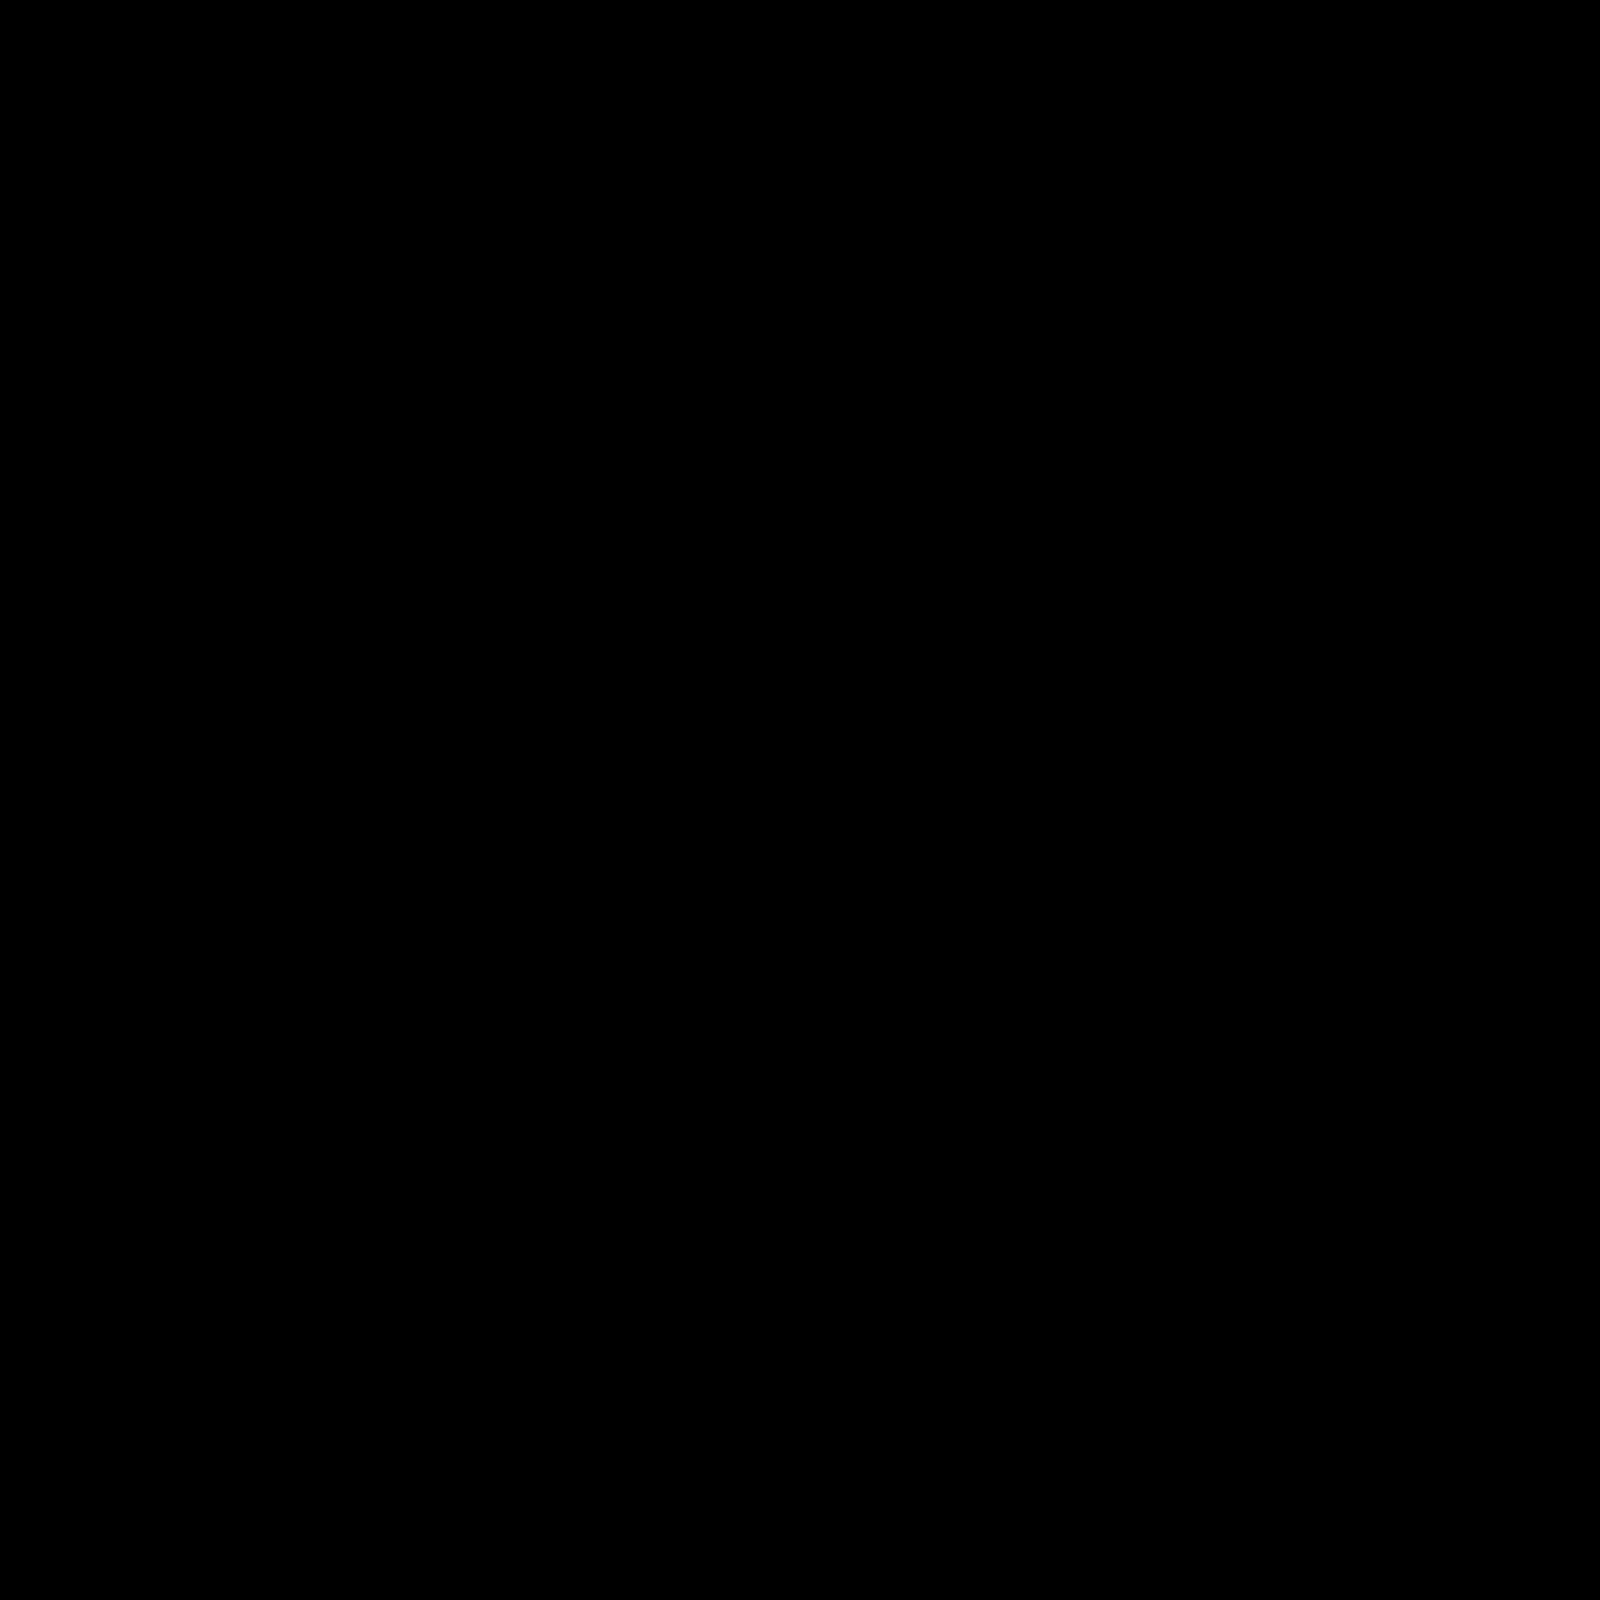 Минус PNG